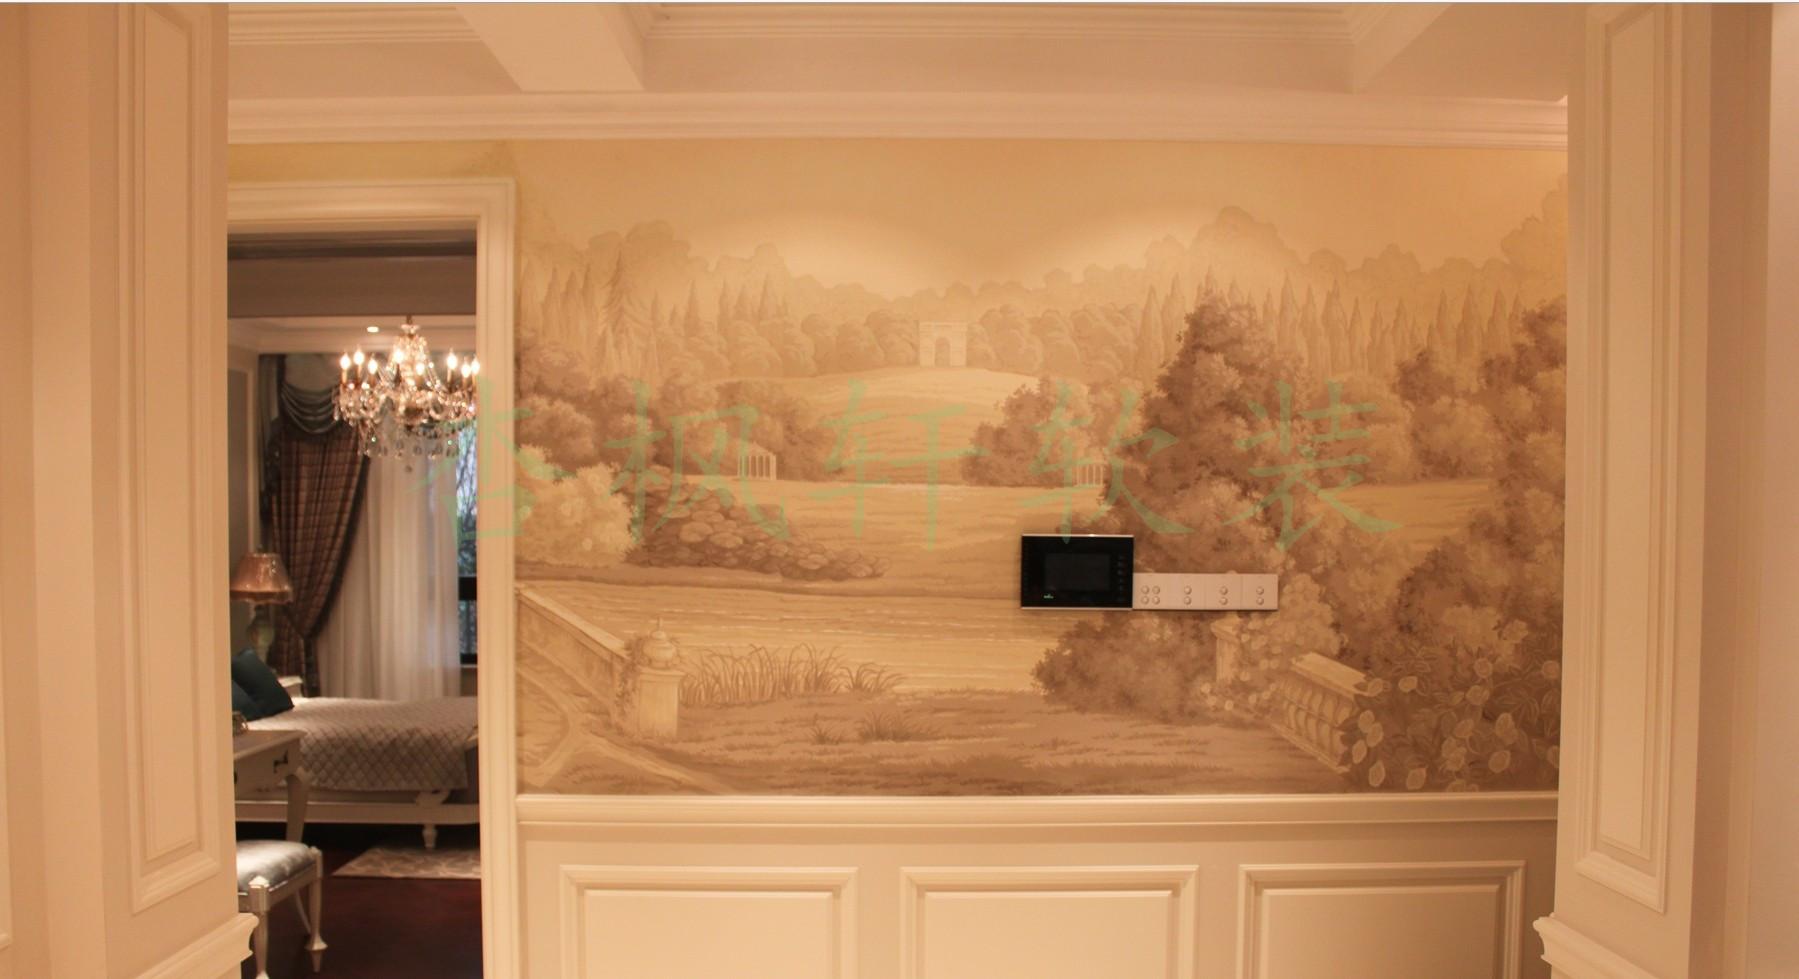 真丝手绘壁纸 丝绸手绘墙纸 真丝手绘刺绣壁纸 手绘绢画 手绘夹绢